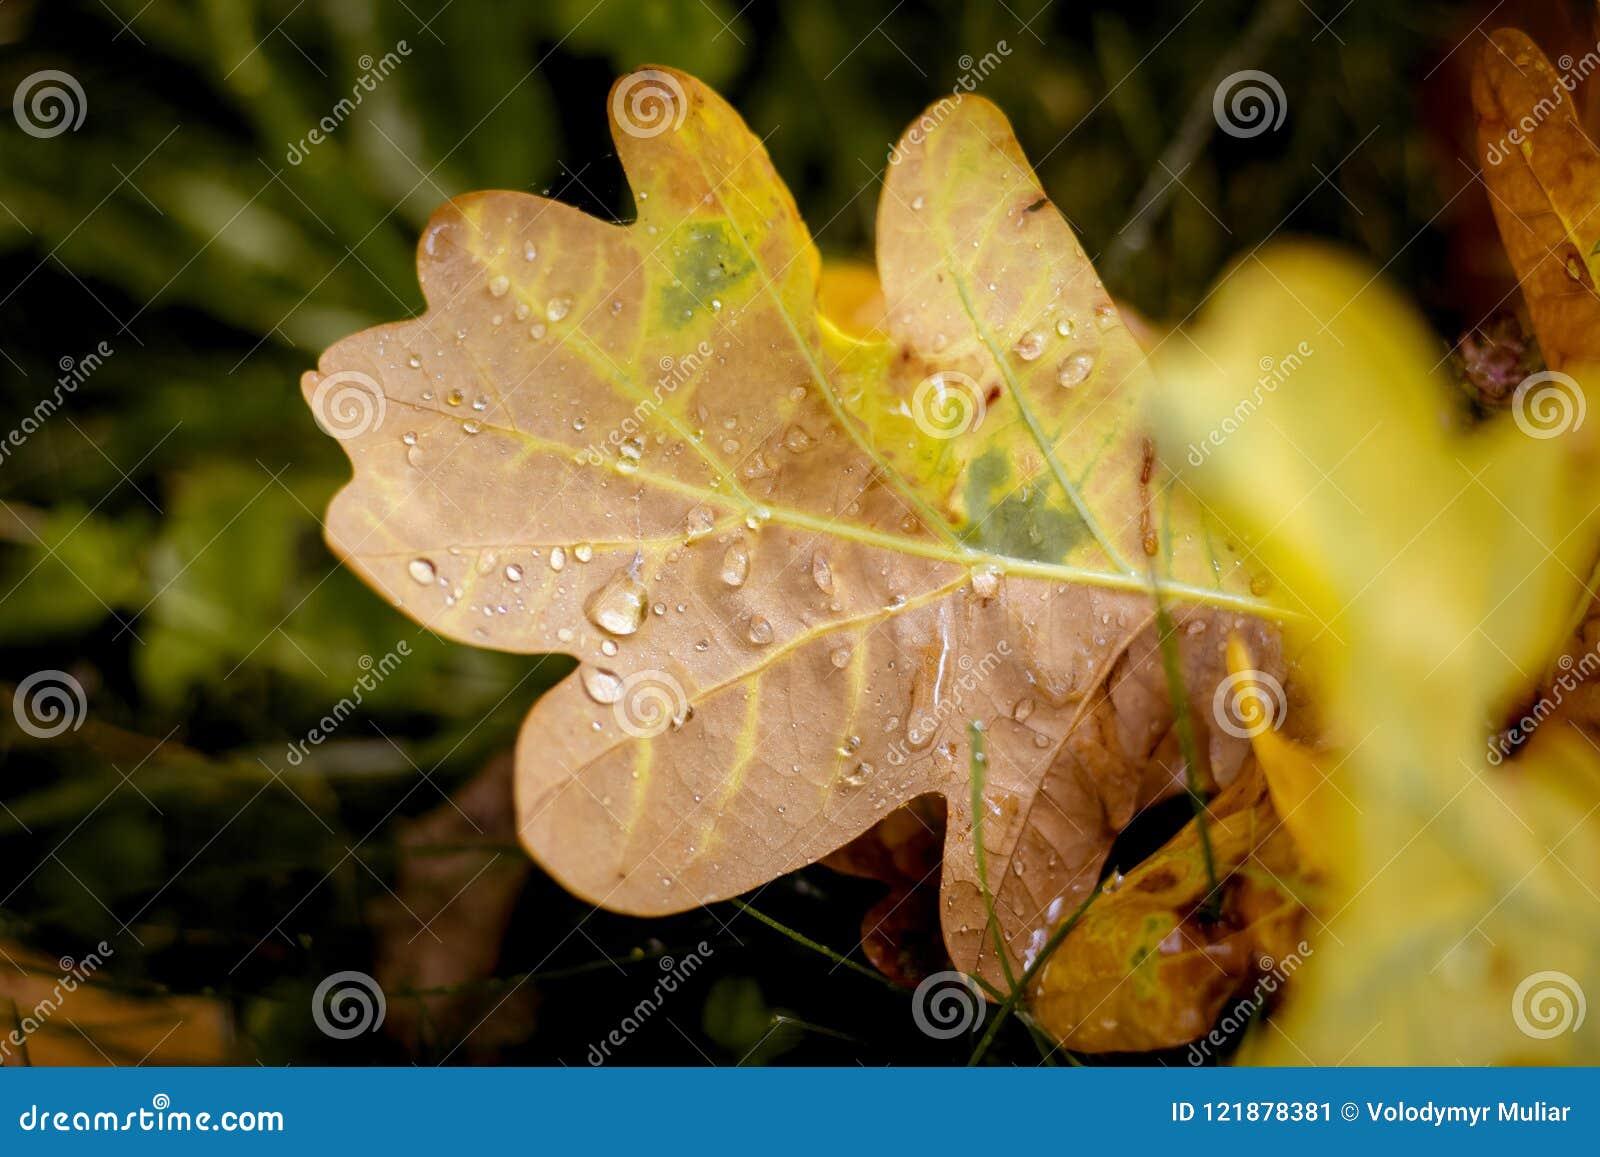 Желтые лист дуб с падениями росы на ground_